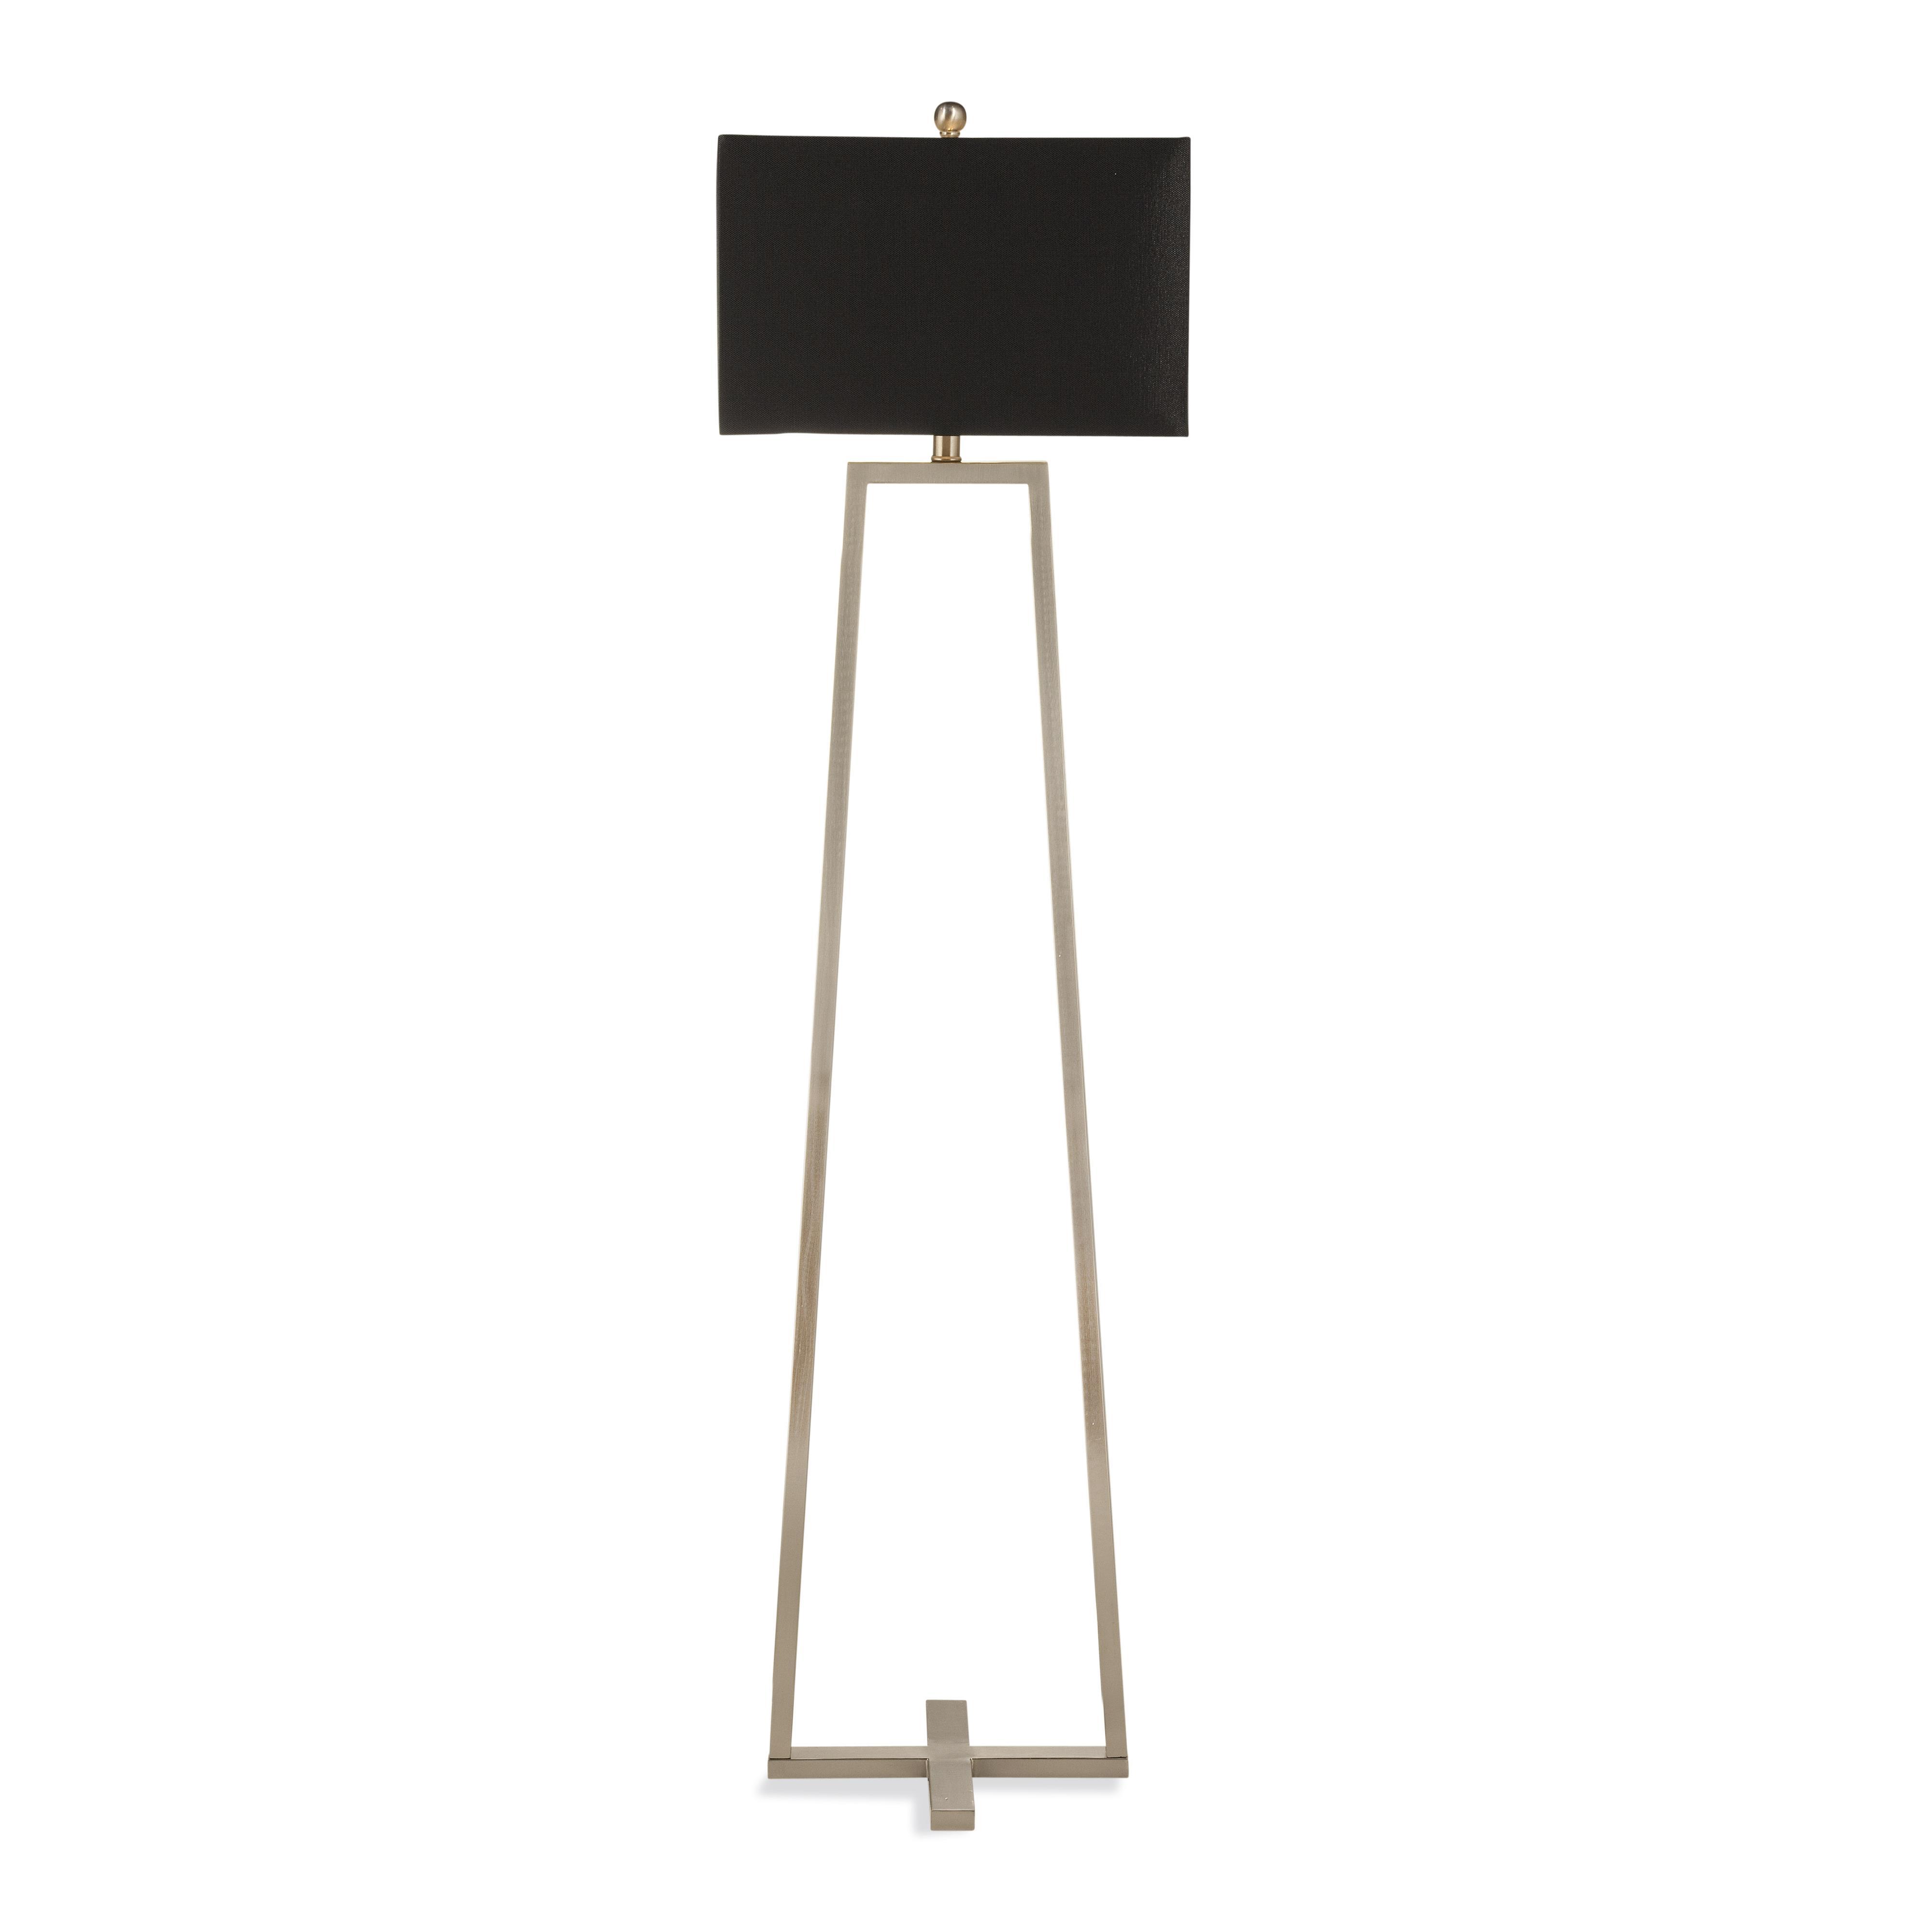 Belgian Luxe Wesley Floor Lamp by Bassett Mirror at Alison Craig Home Furnishings